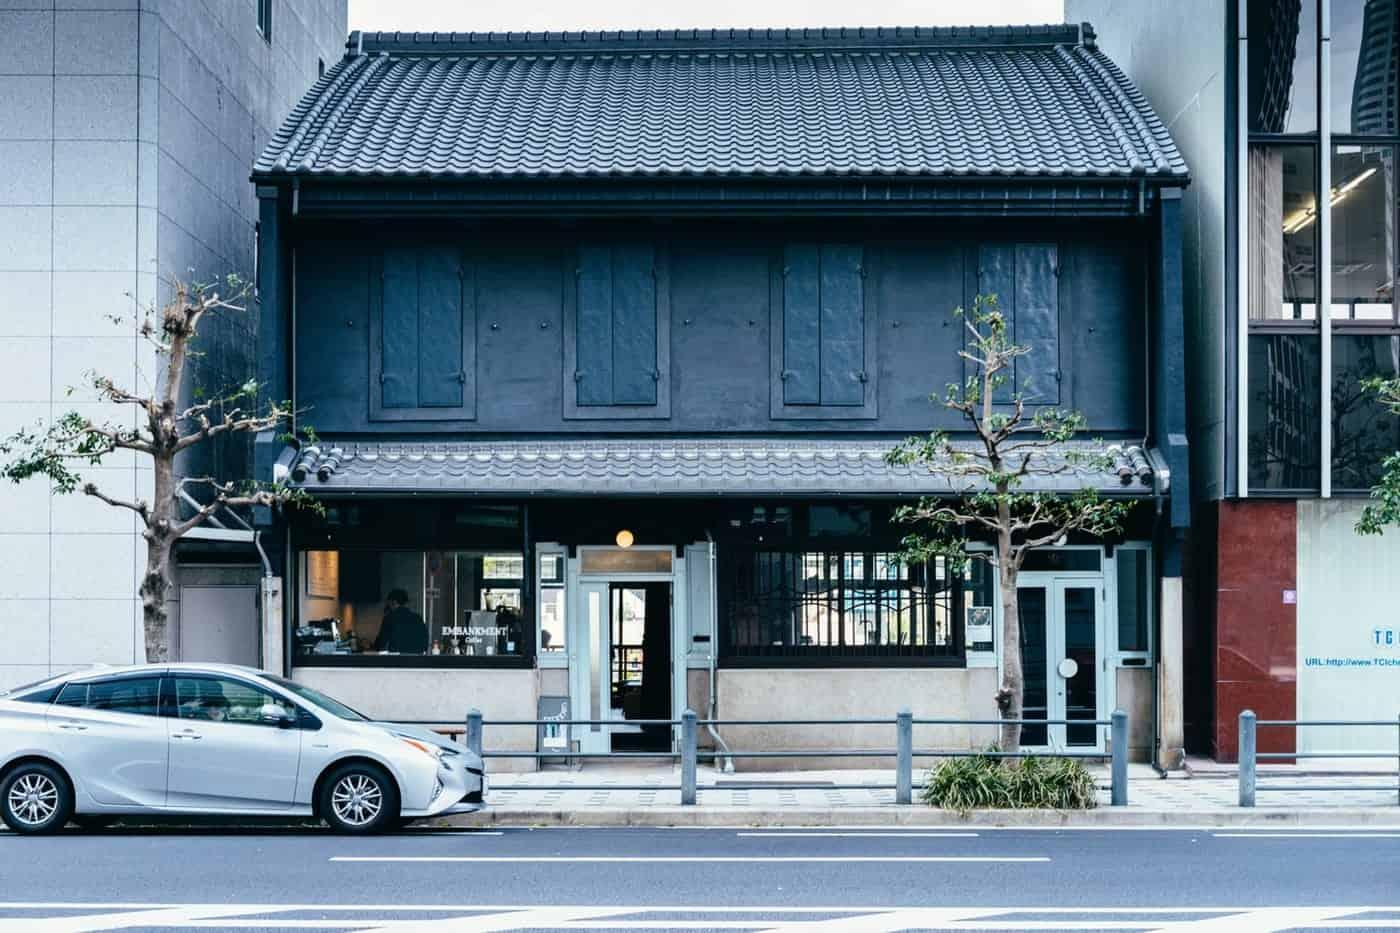 ร้านกาแฟ คาเฟ่ ใน โอซาก้า - EMBANKMENT Coffee